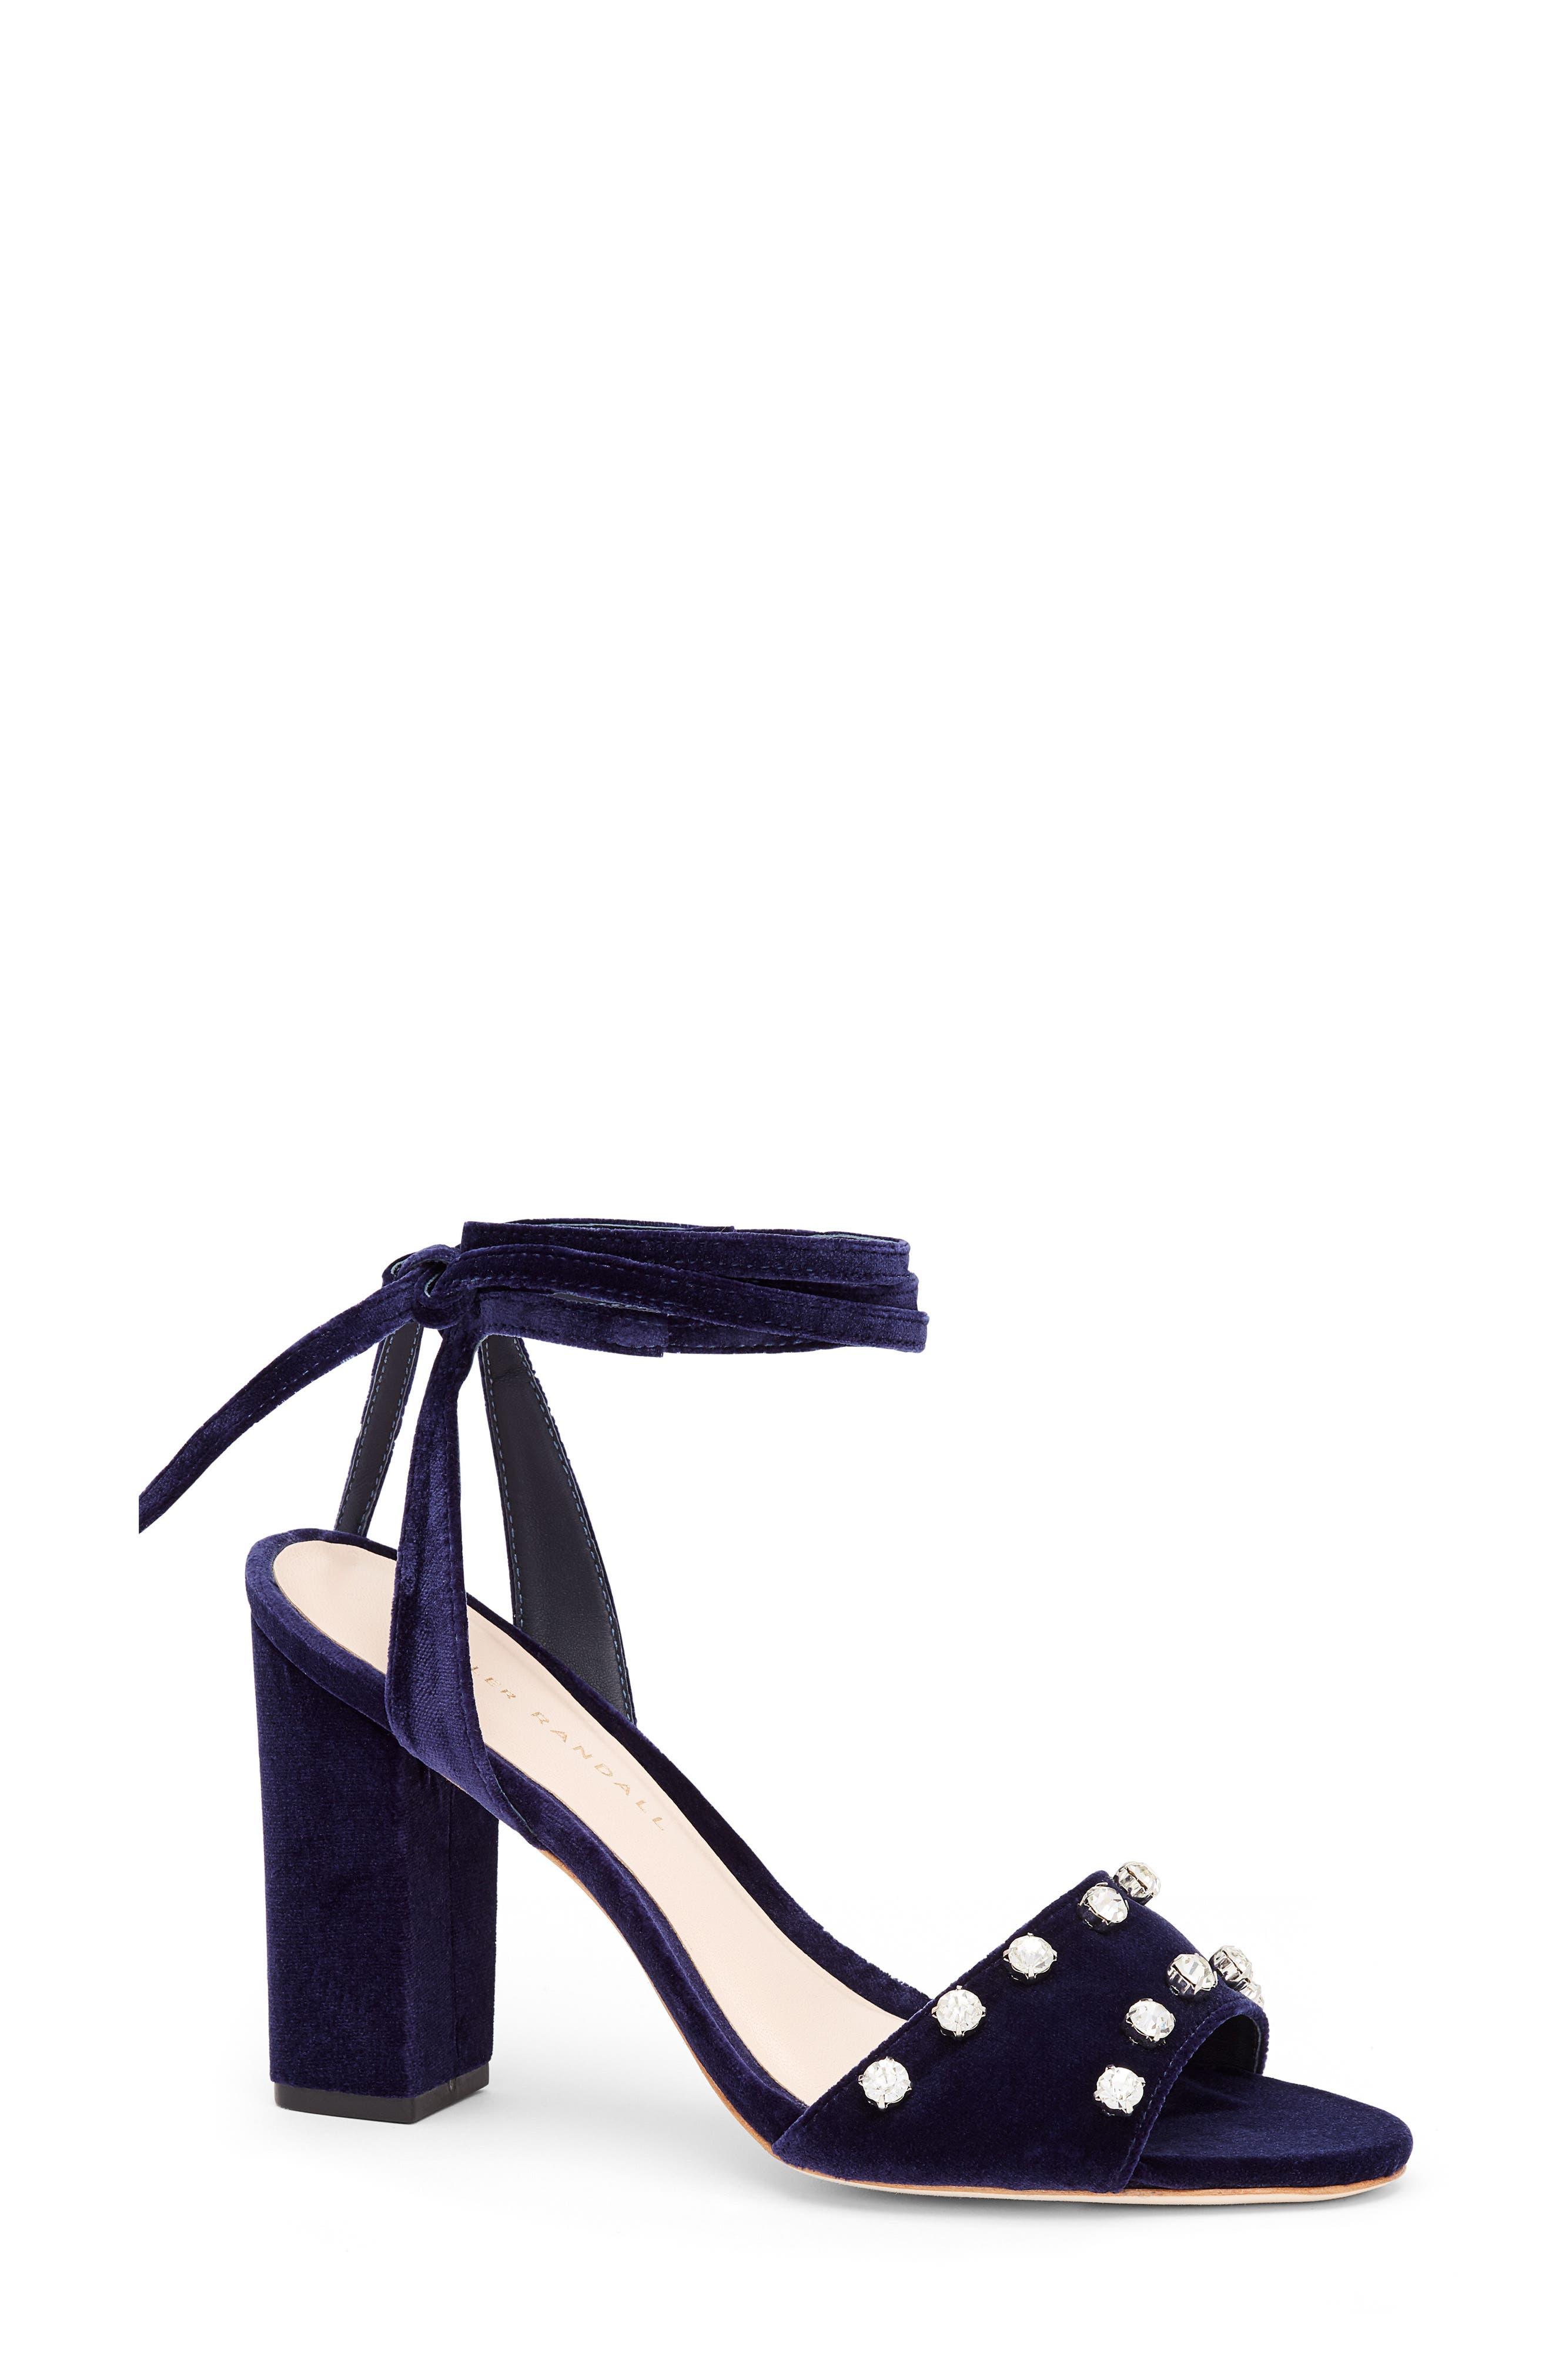 Alternate Image 1 Selected - Loeffler Randall Elayna Ankle Wrap Sandal (Women)